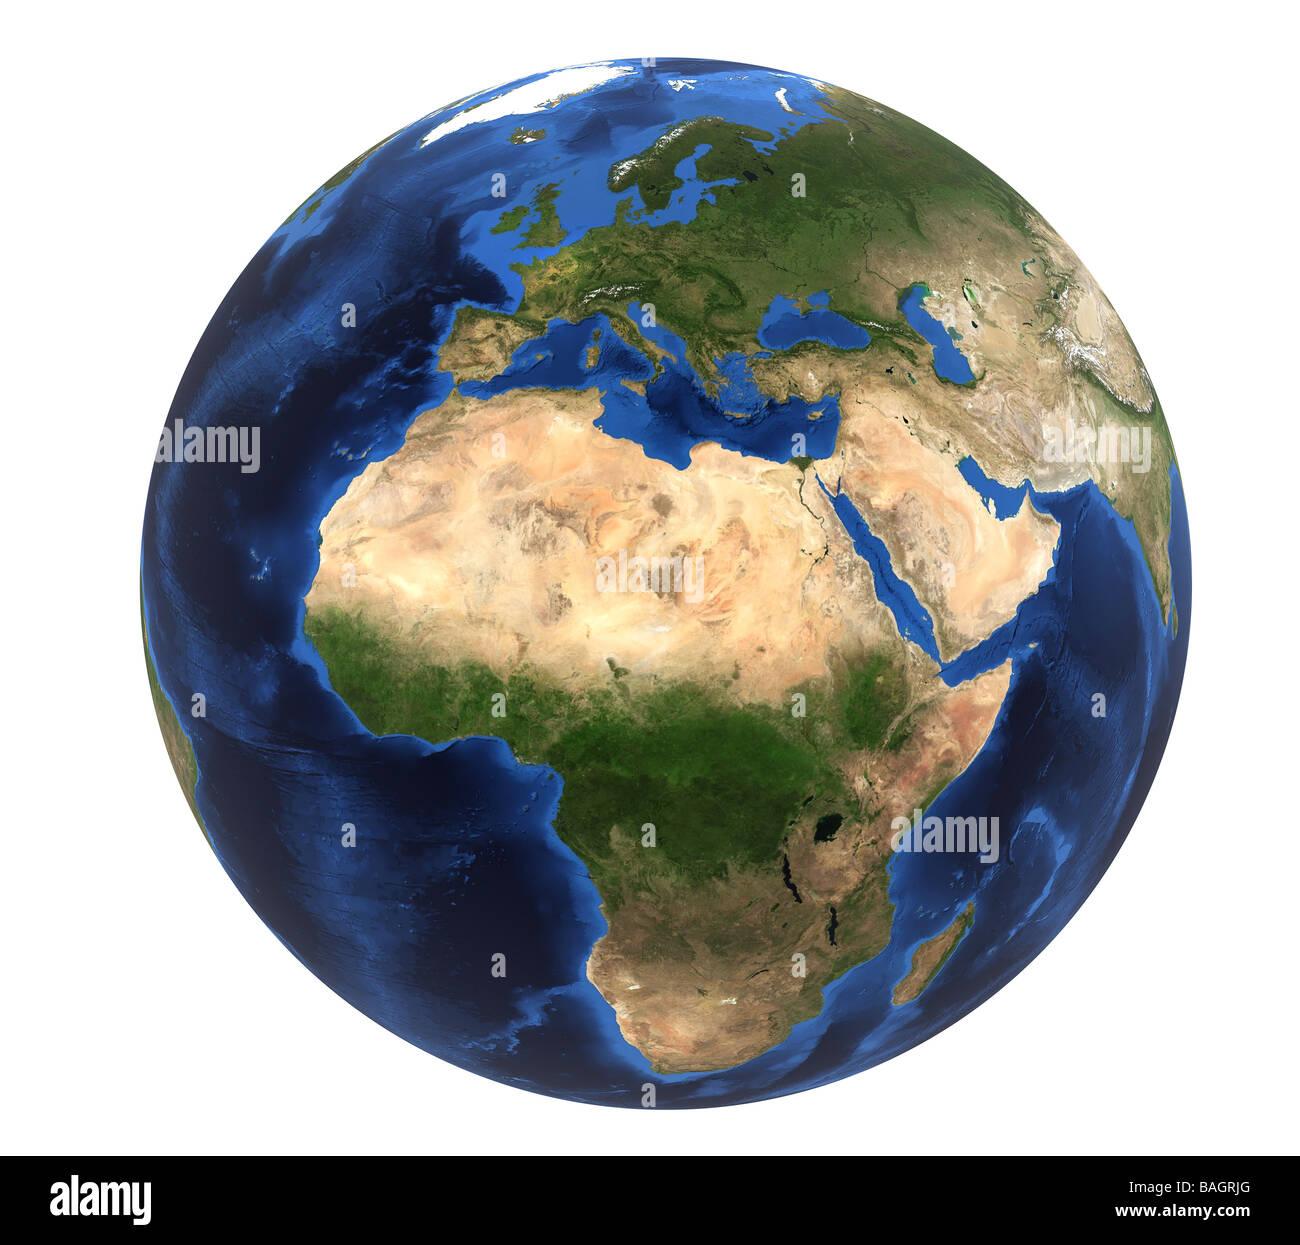 Rendering immagine di terra (mappa cortesia della NASA) mostra in Europa e in Africa su uno sfondo bianco (intaglio) Immagini Stock